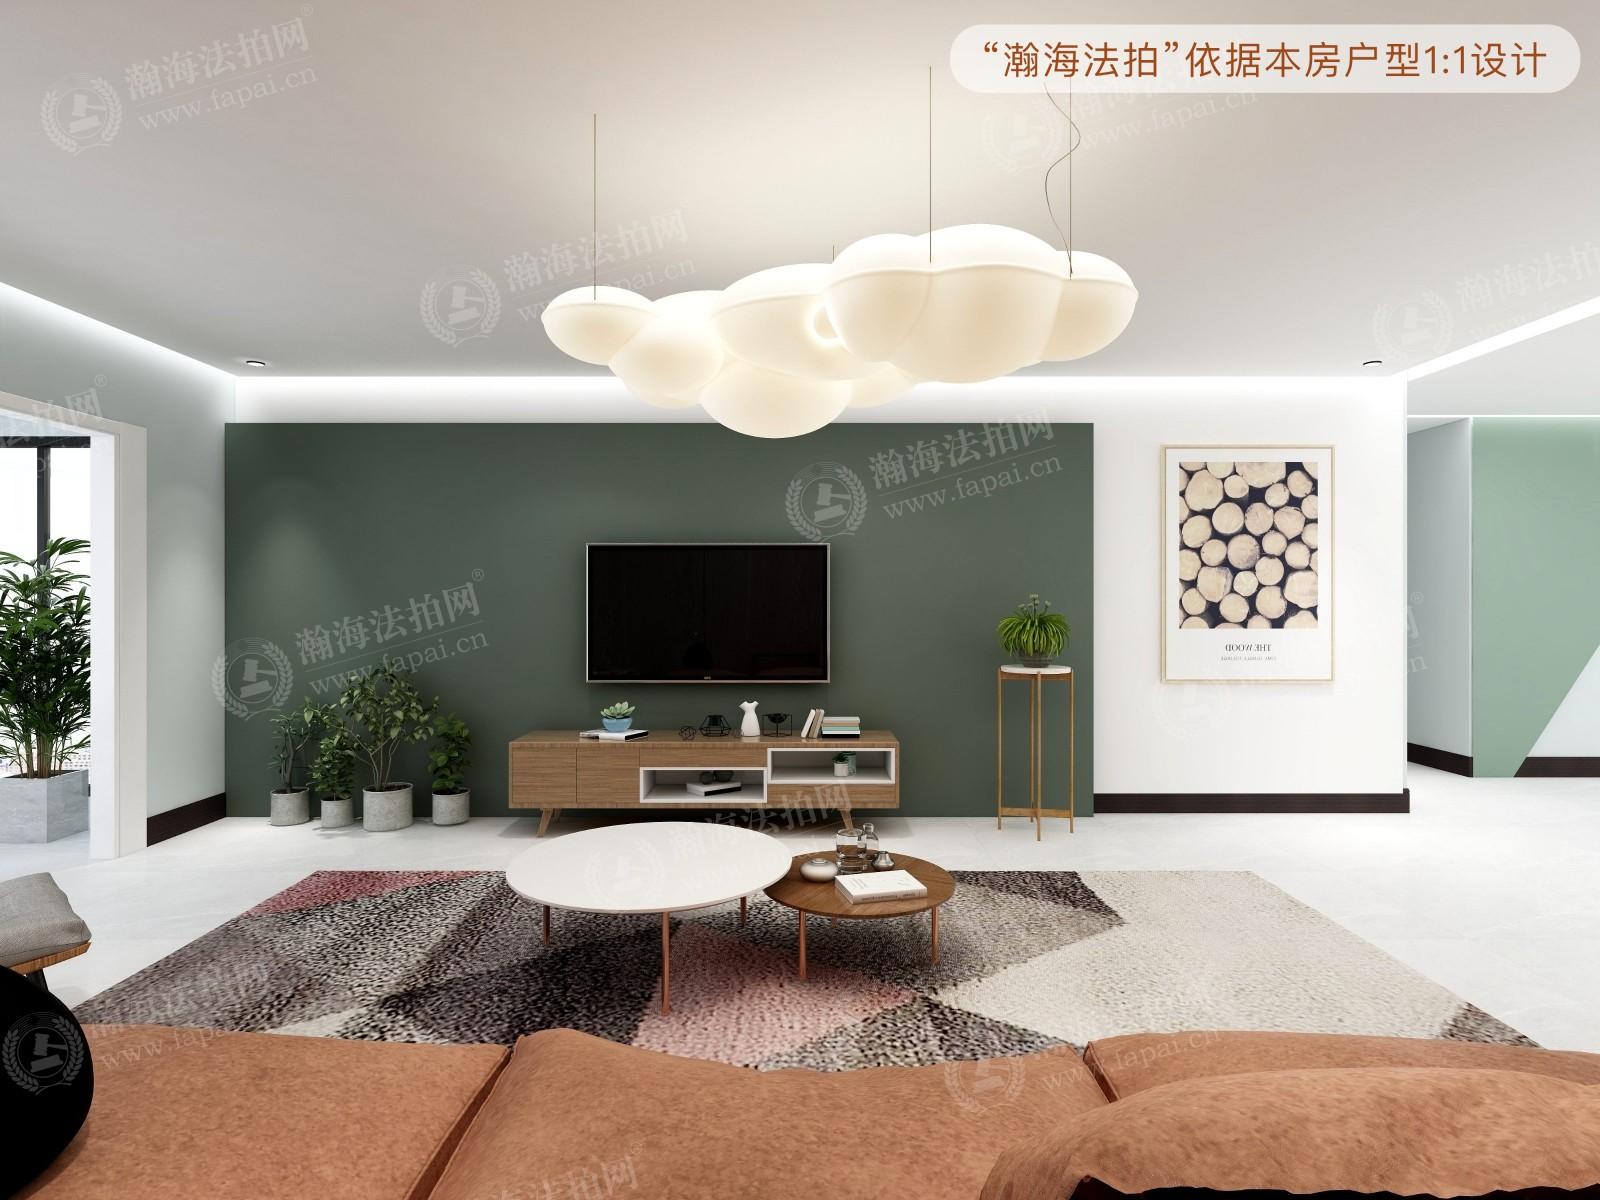 北京华侨城2号院1号楼3单元1101室